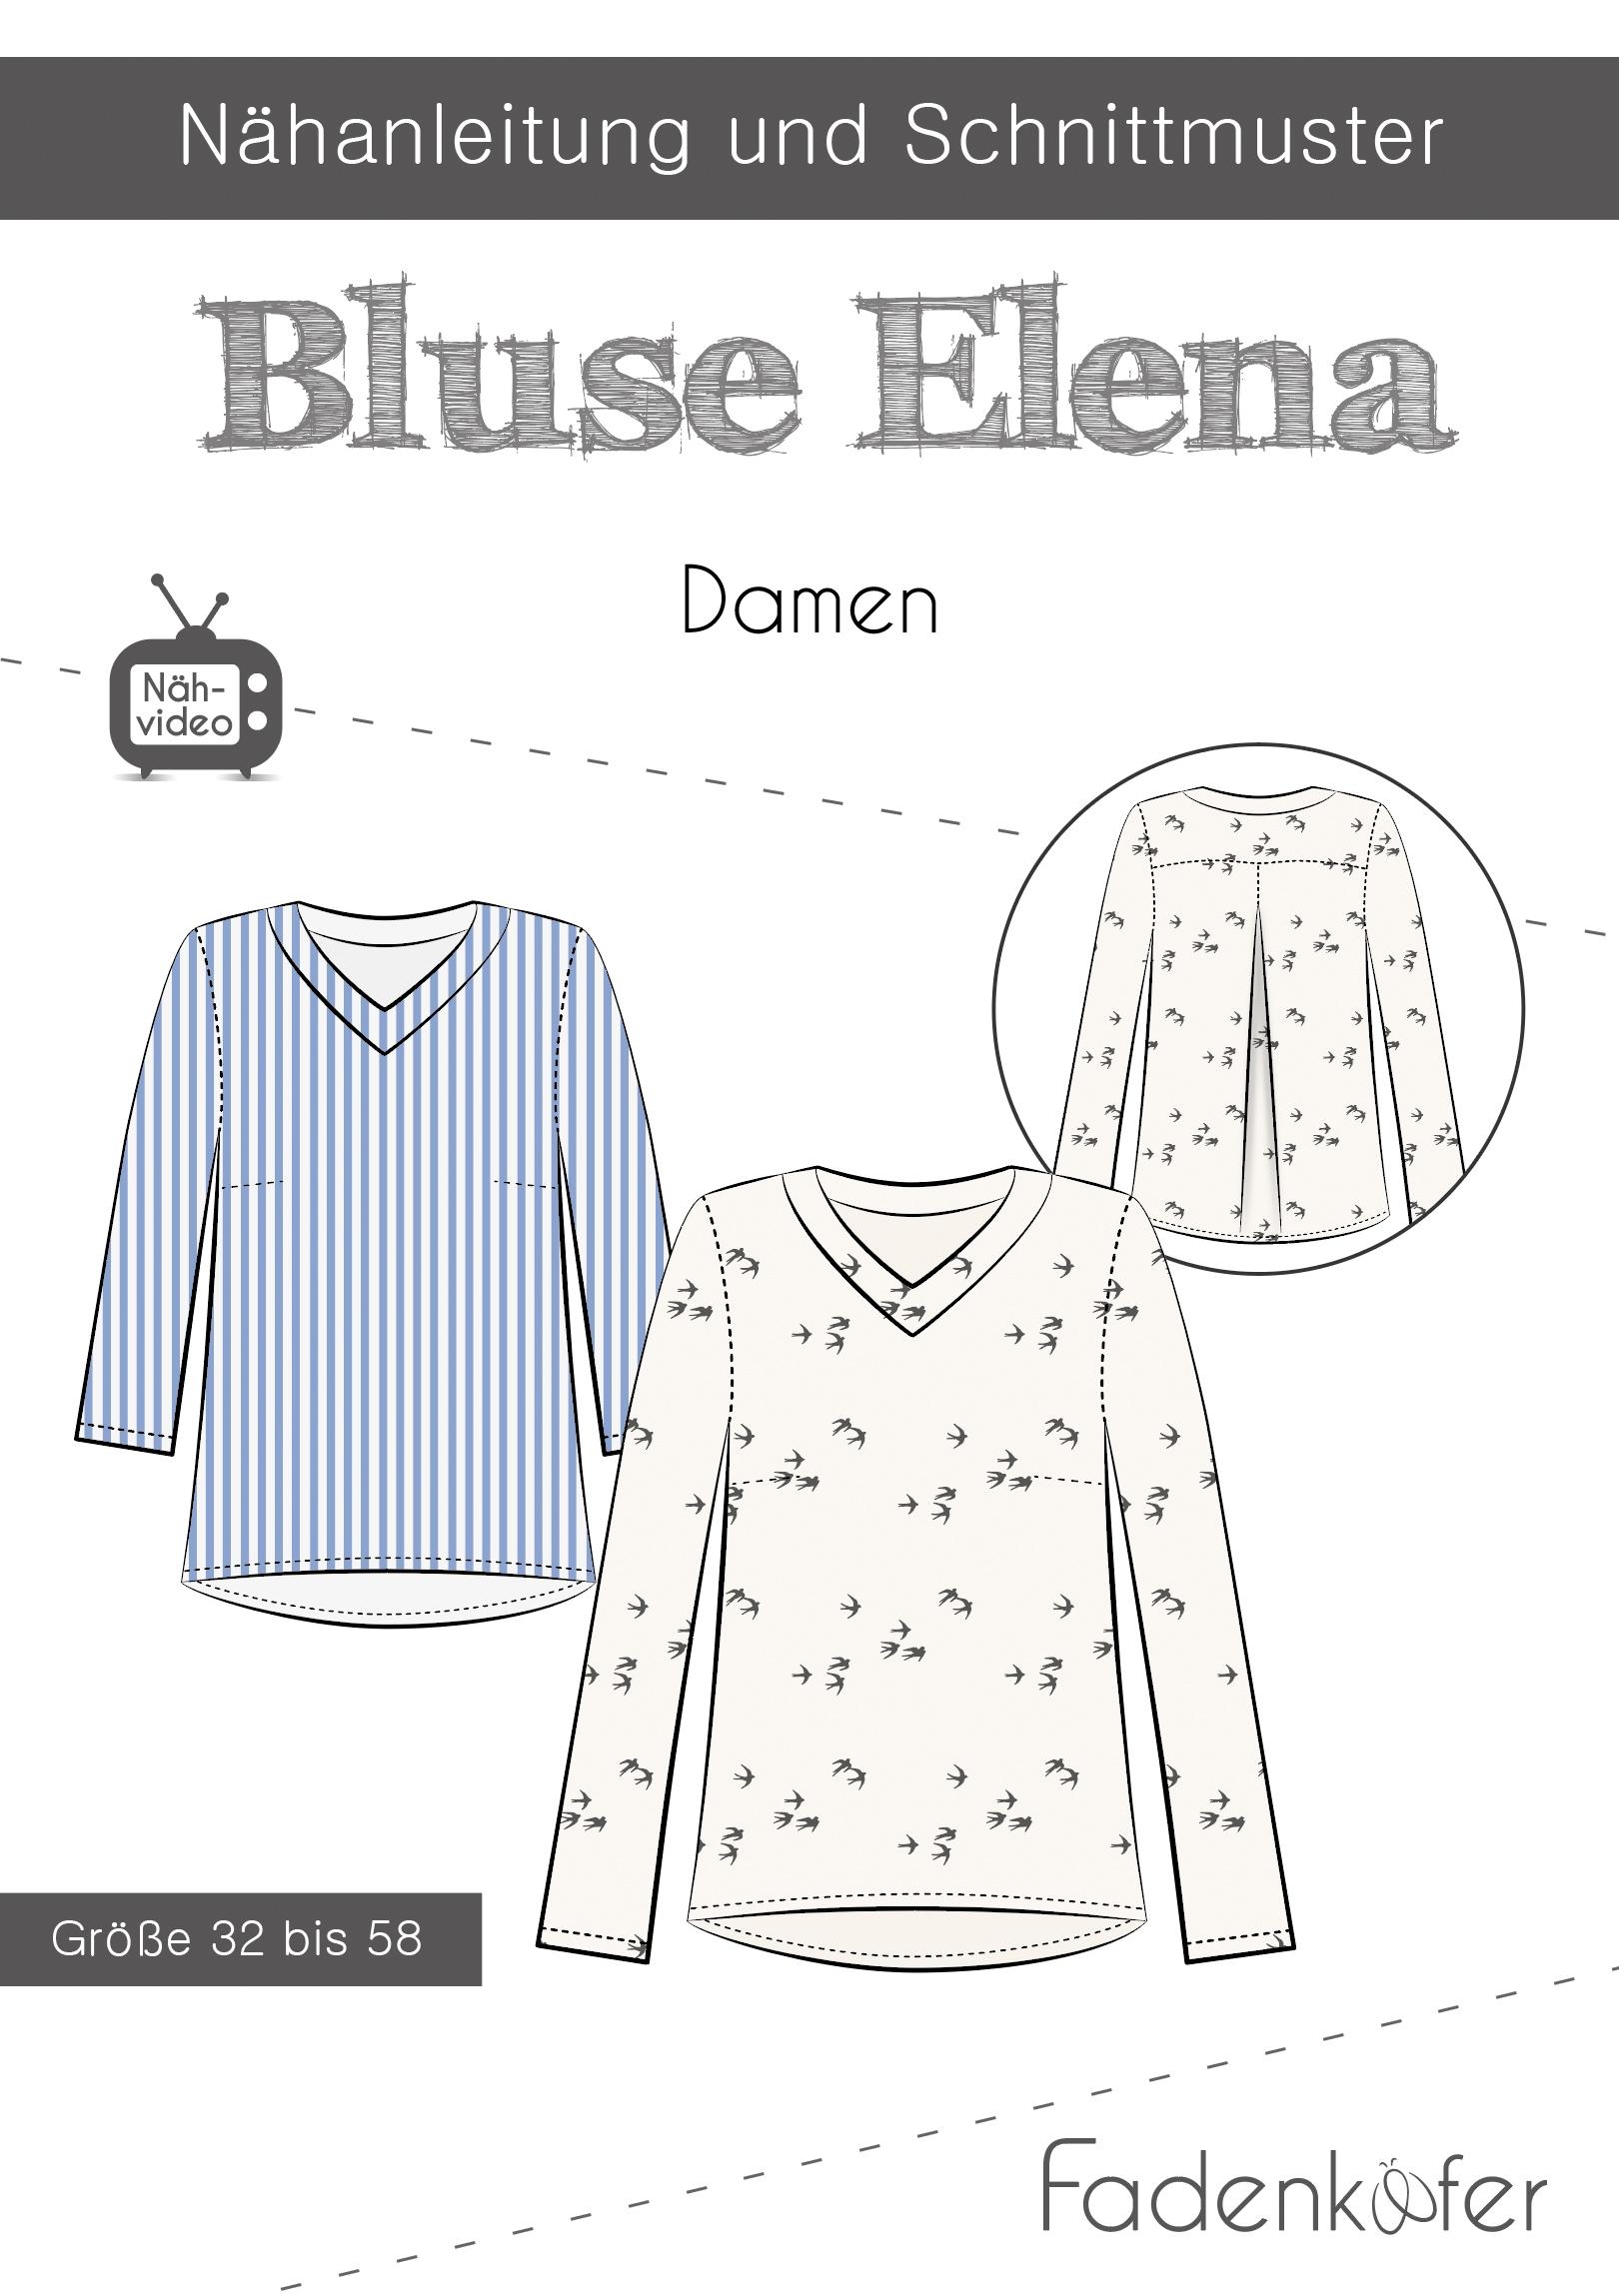 Papierschnittmuster Bluse Elena für Damen 32-58 von Fadenkäfer